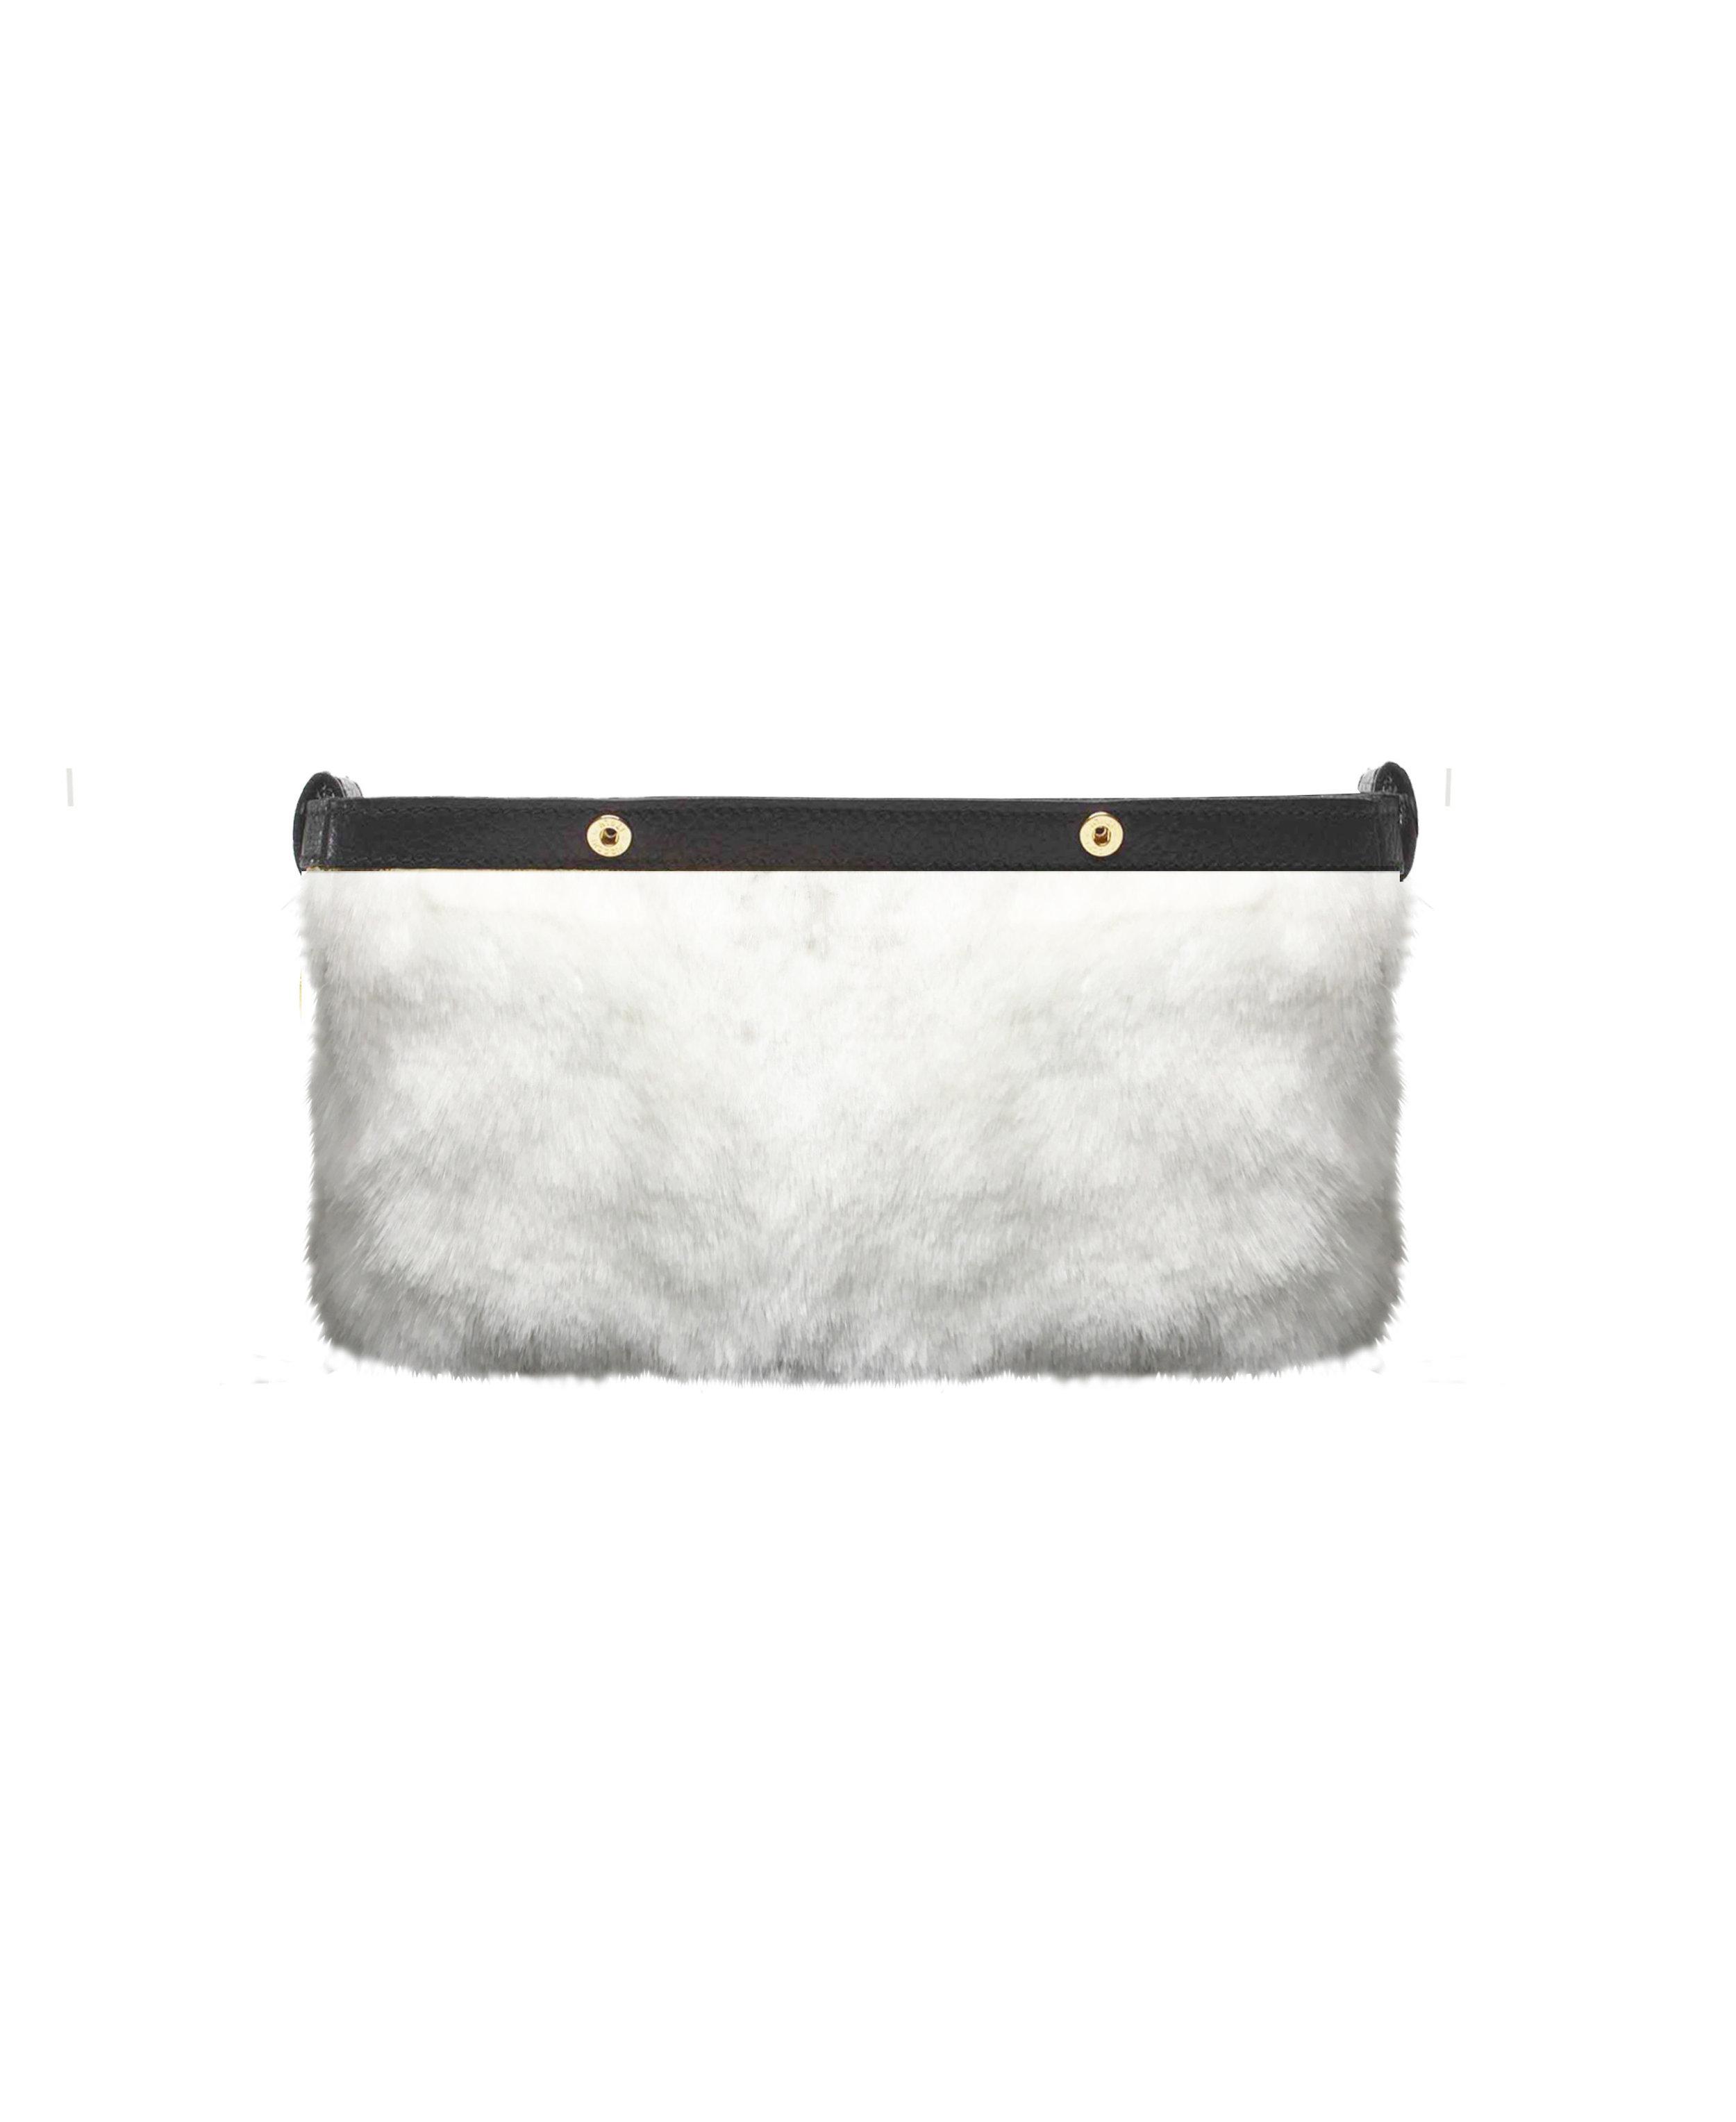 Be Fuller Clutch - White eco fur Inner bag